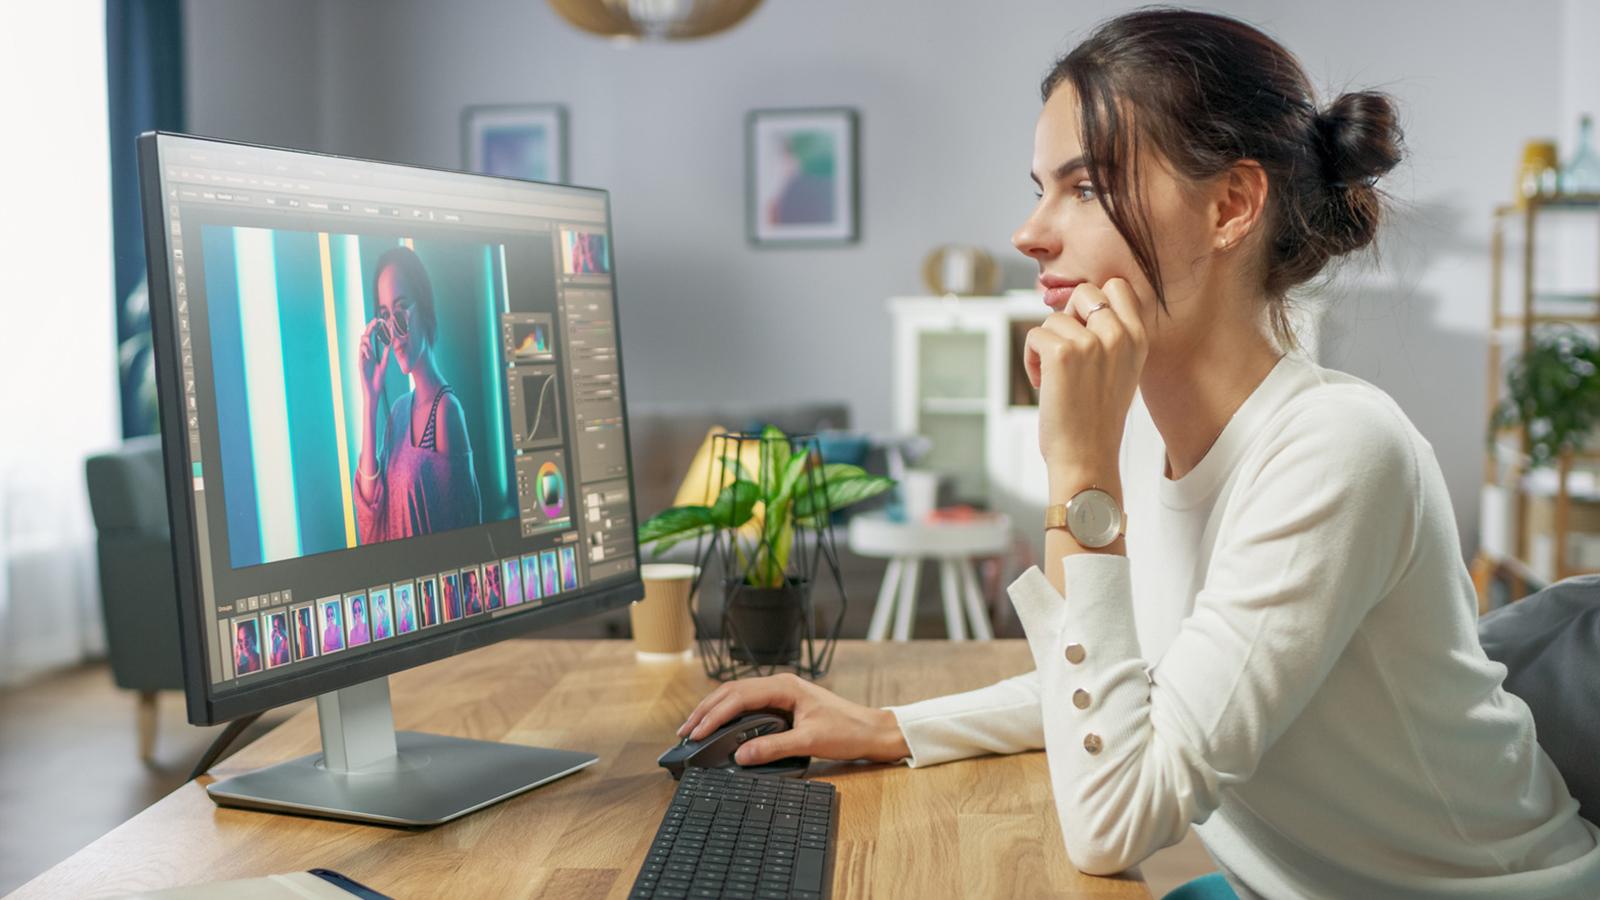 pénzt keresni egy számítógép segítségével